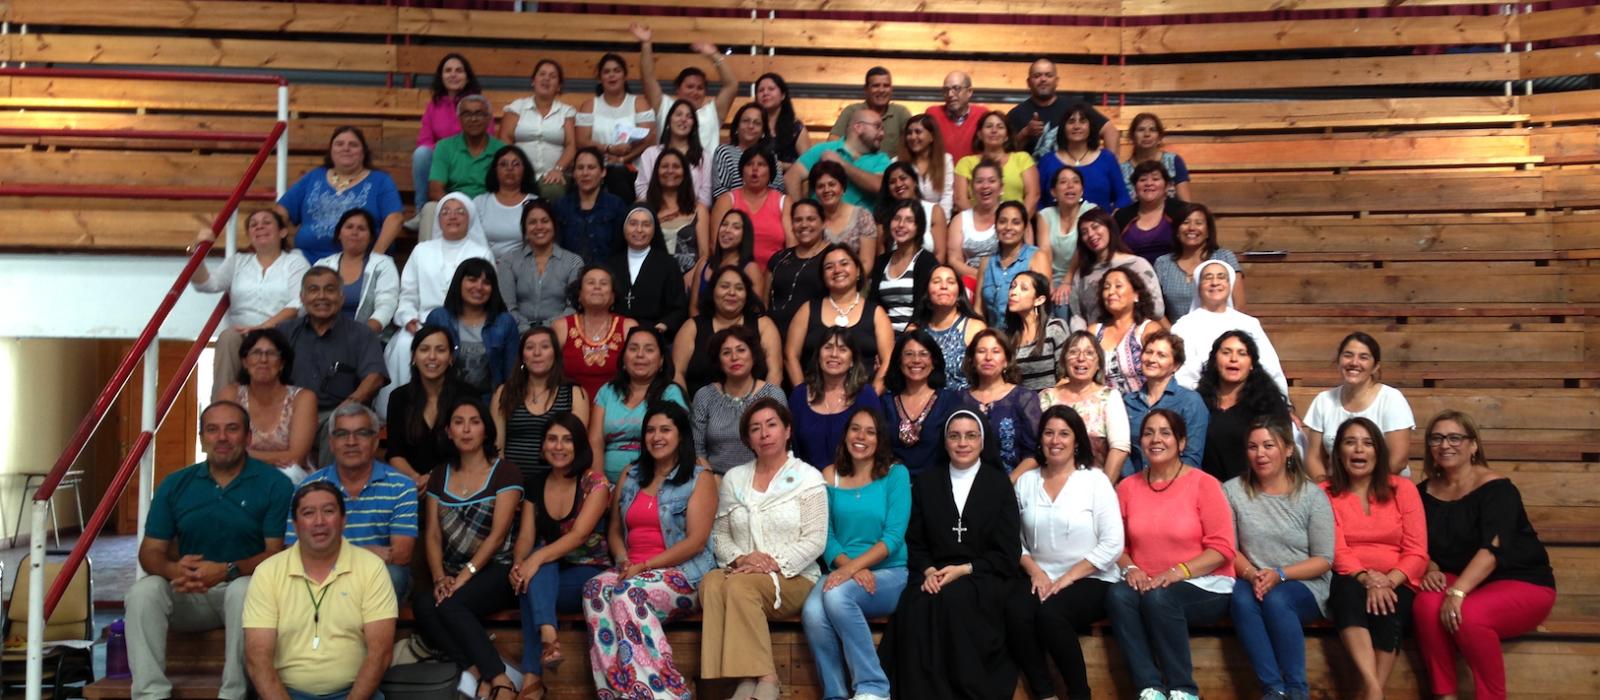 Grupo Educar realiza exitoso curso sobre habilidades blandas